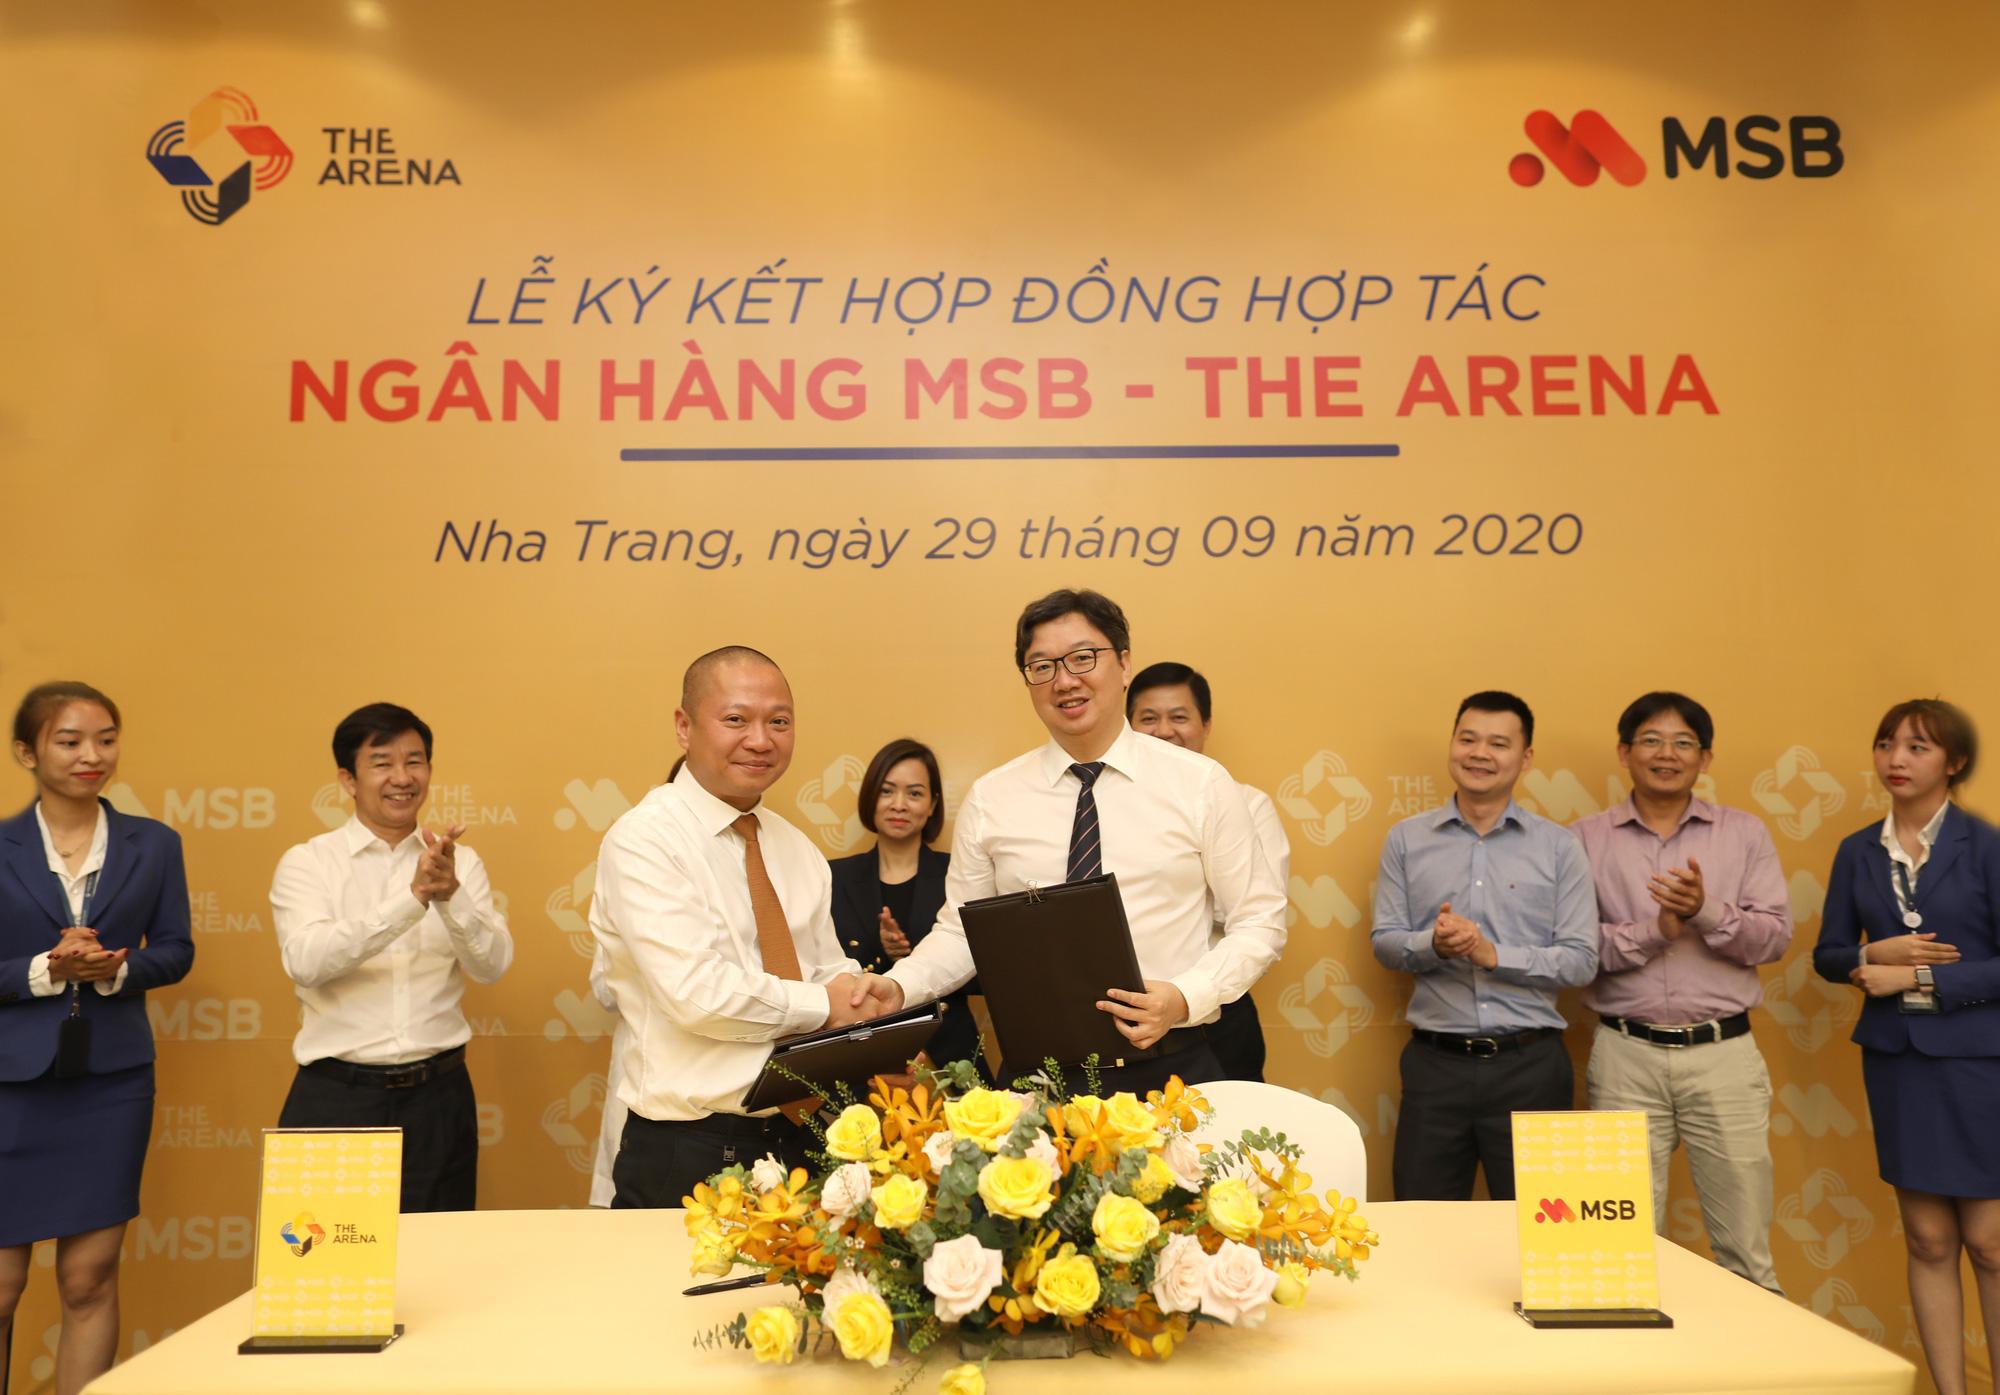 Dự án The Arena Cam Ranh nhận tài trợ vốn, hoàn thiện theo cam kết với khách hàng - Ảnh 1.